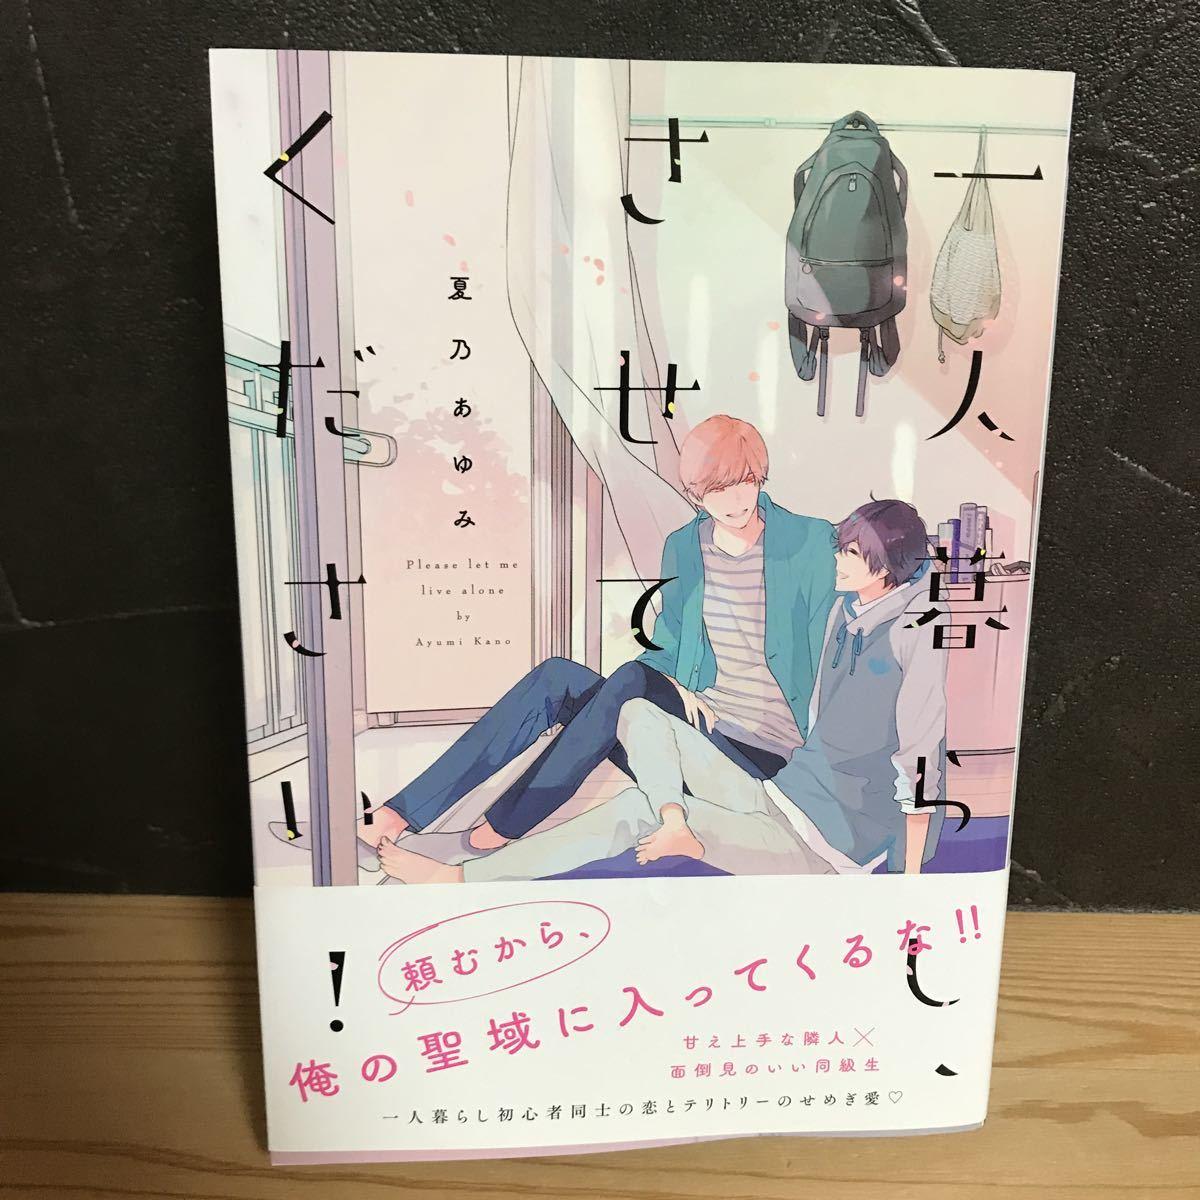 (2冊カウント) 一人暮らし、させてください! 夏乃あゆみ 3月新刊 BLコミック ボーイズラブ 同梱可能